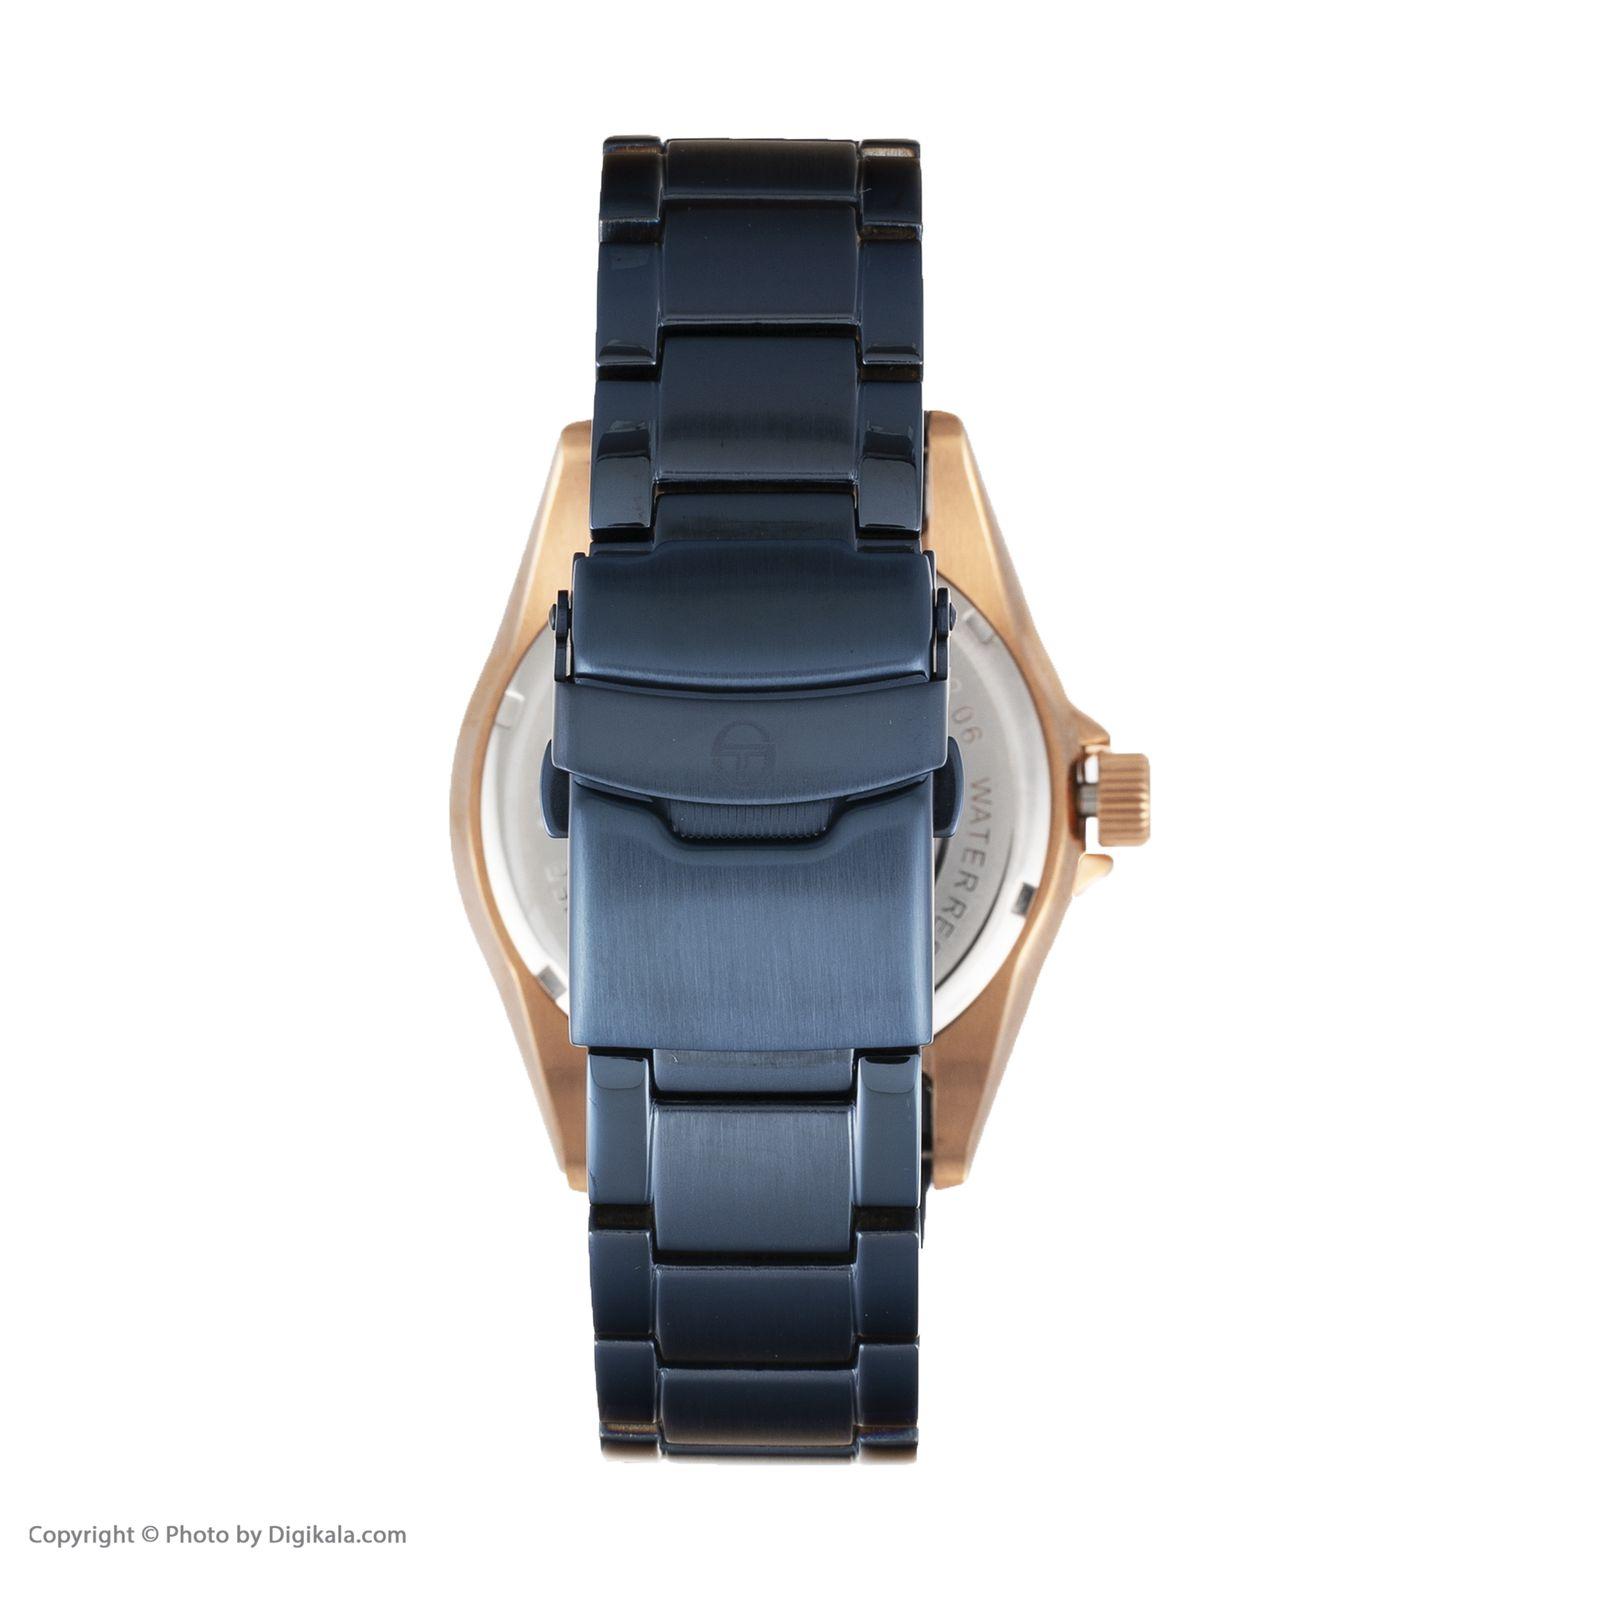 ساعت مچی عقربه ای مردانه سرجیو تاچینی مدل ST.8.132.06 -  - 2